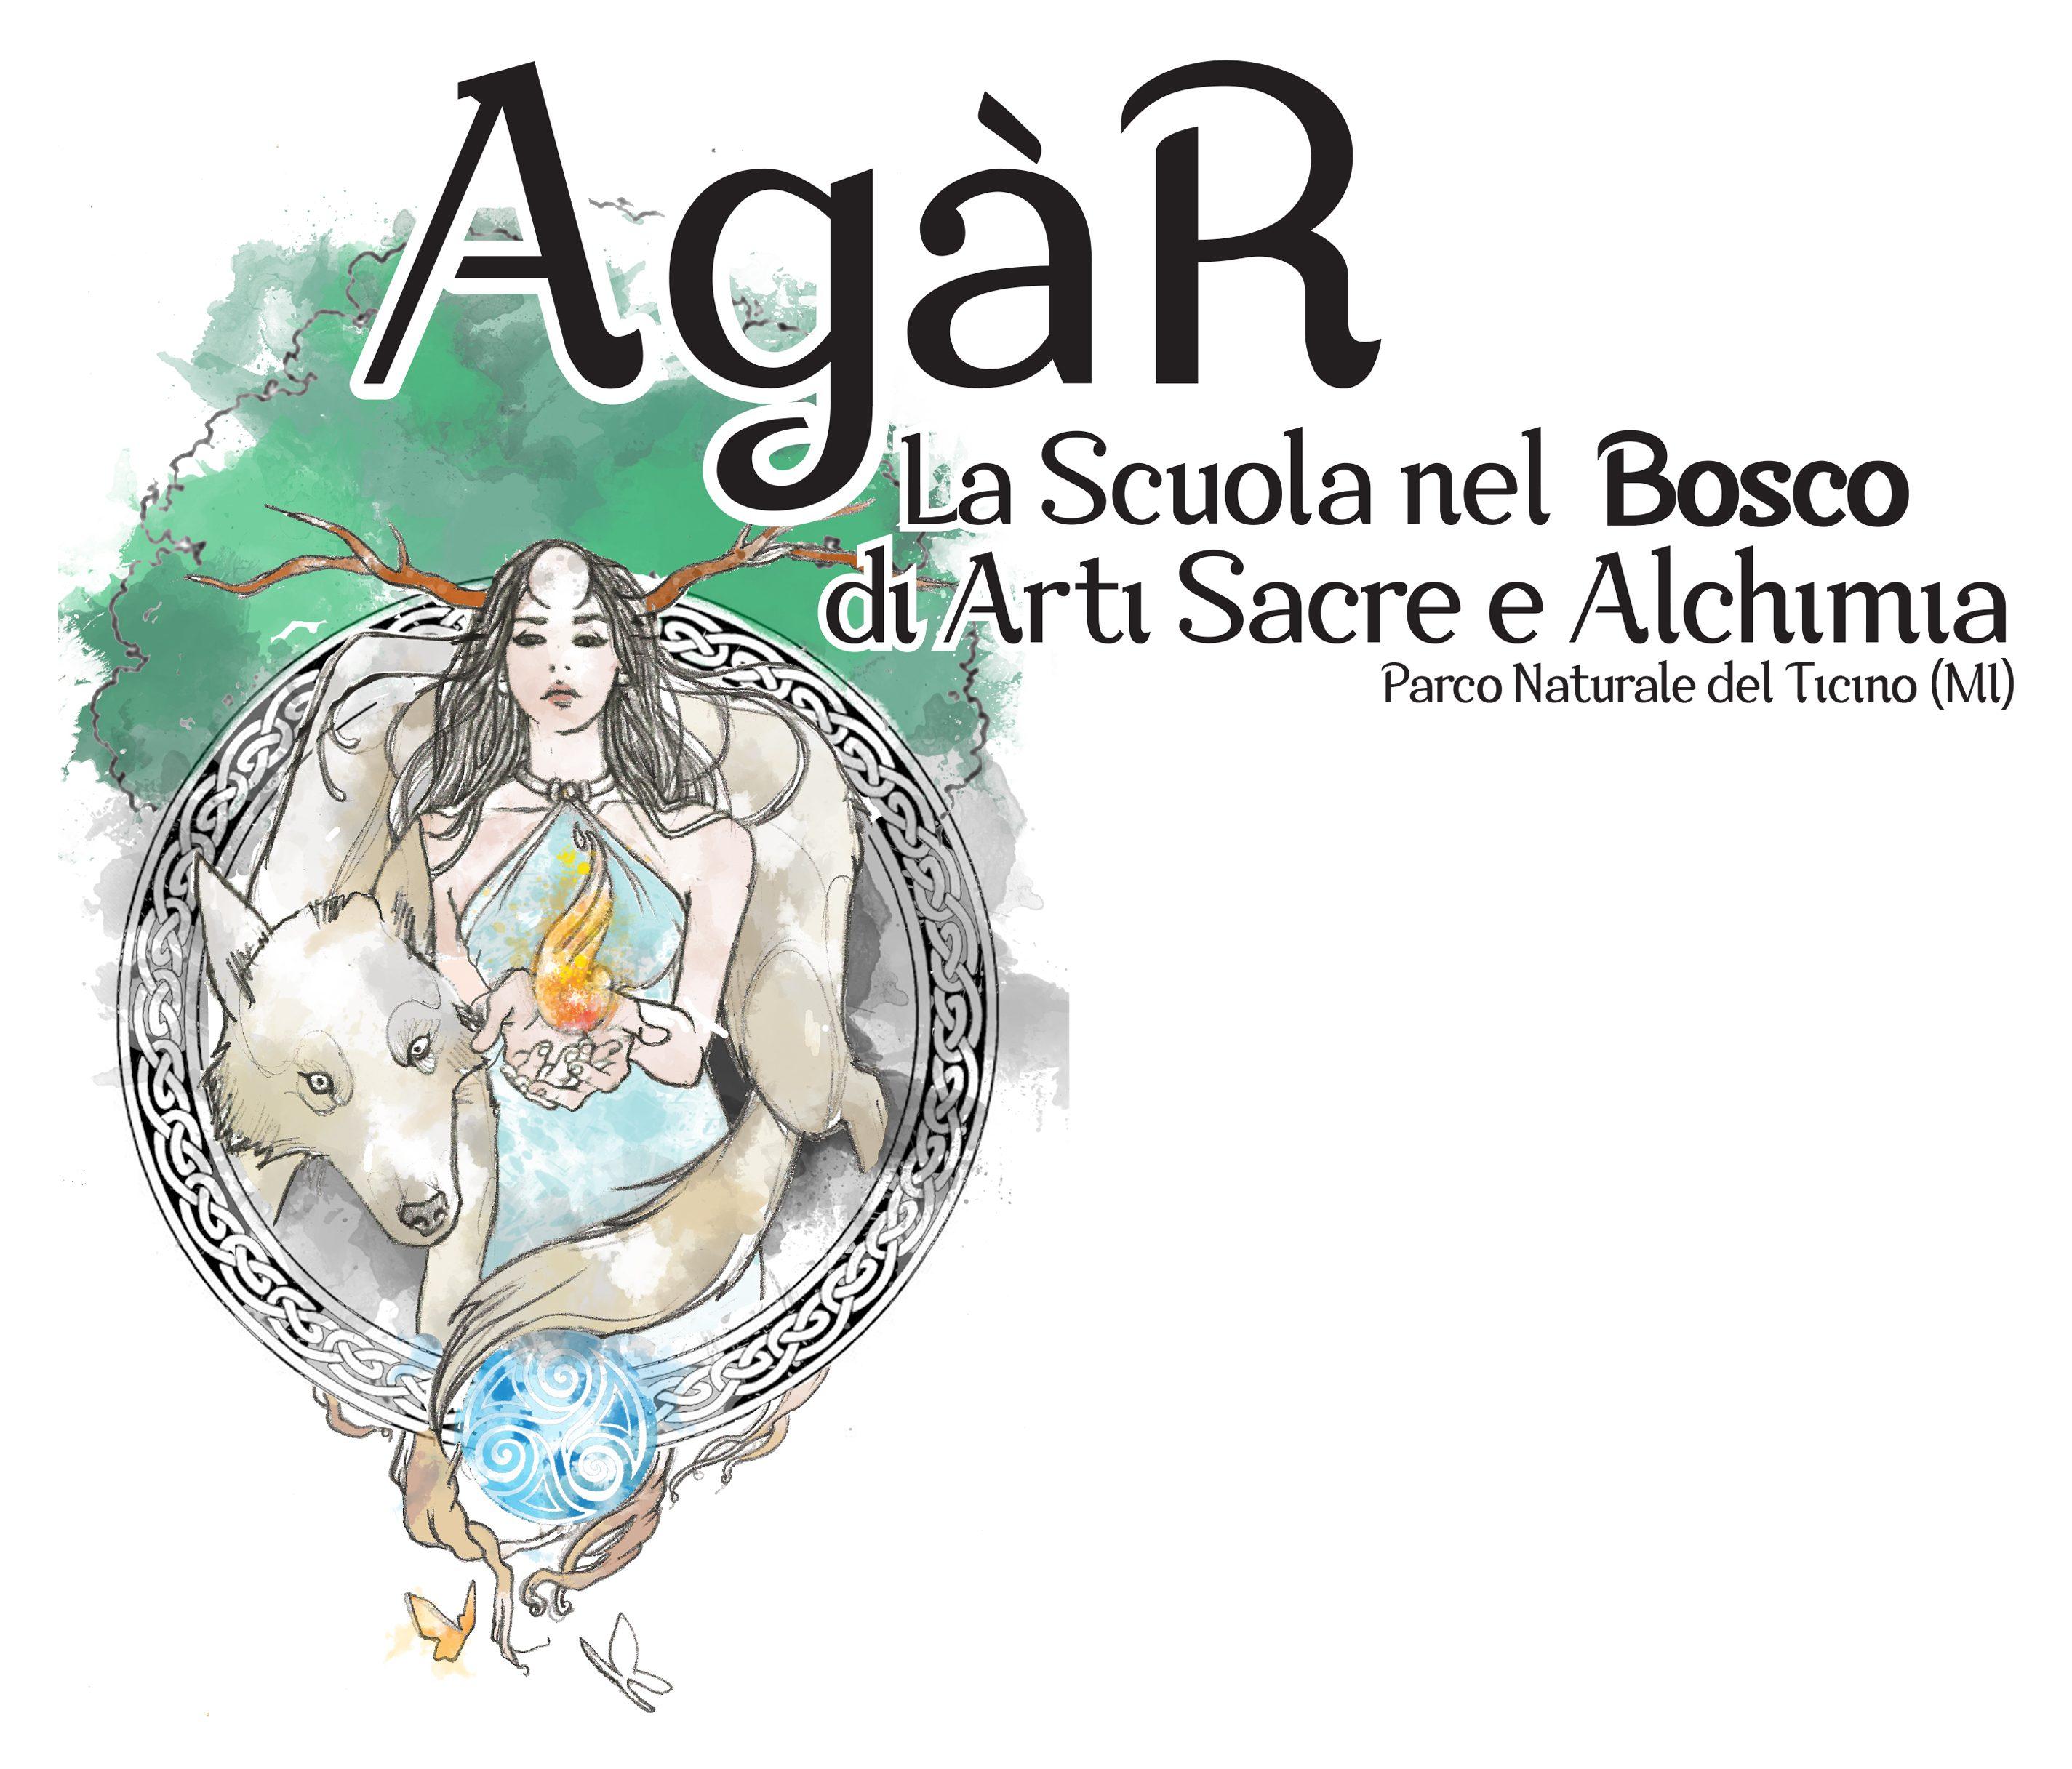 AGAR – La Scuola nel Bosco di Arti Sacre e Alchimia